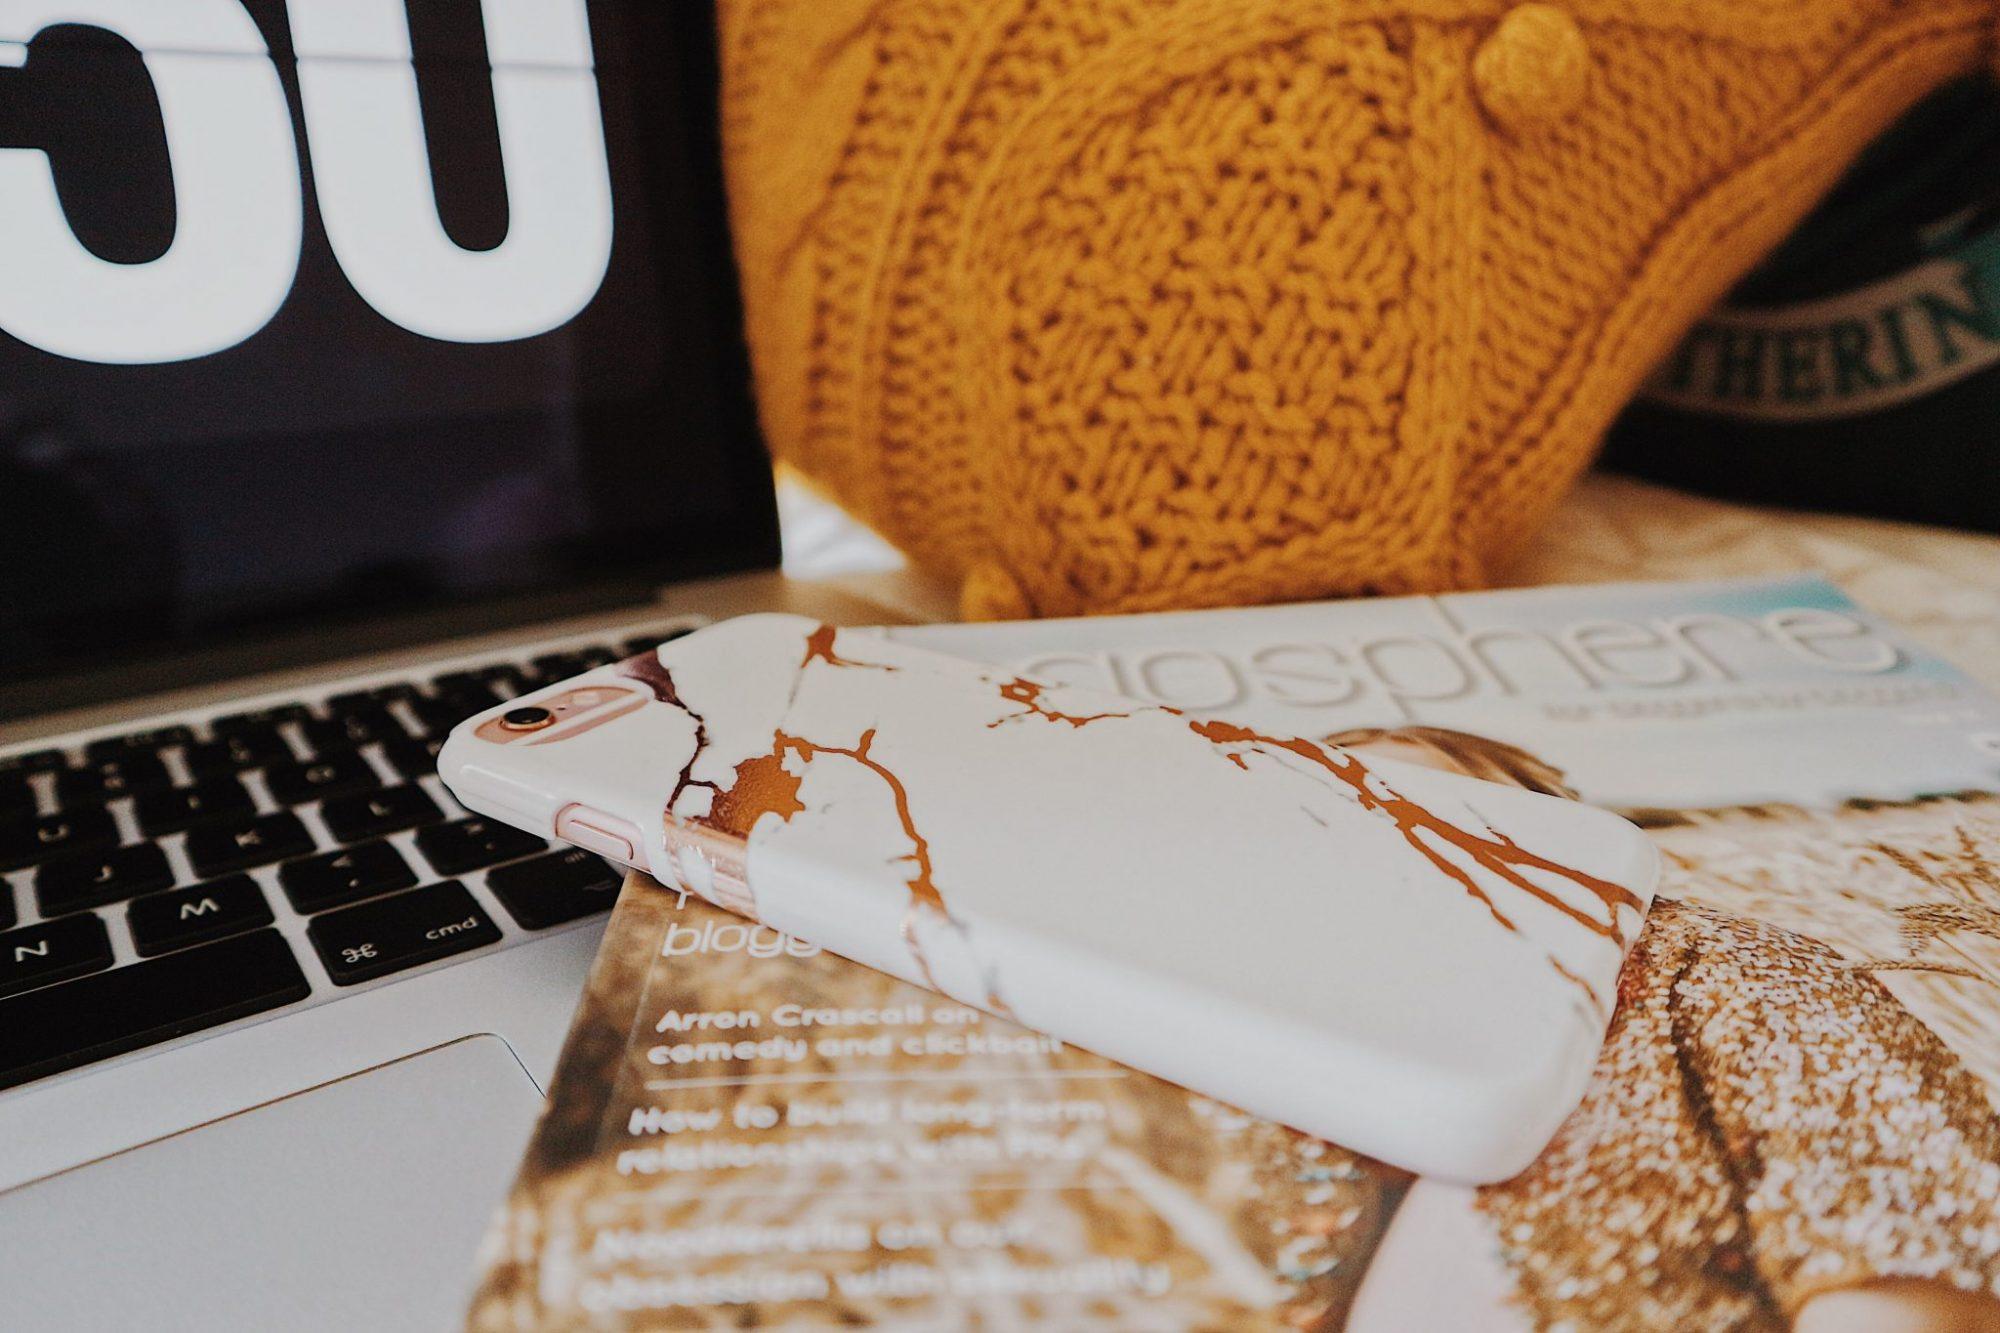 MacBook Pro + iPhone 6s + Blogosphere Magazine